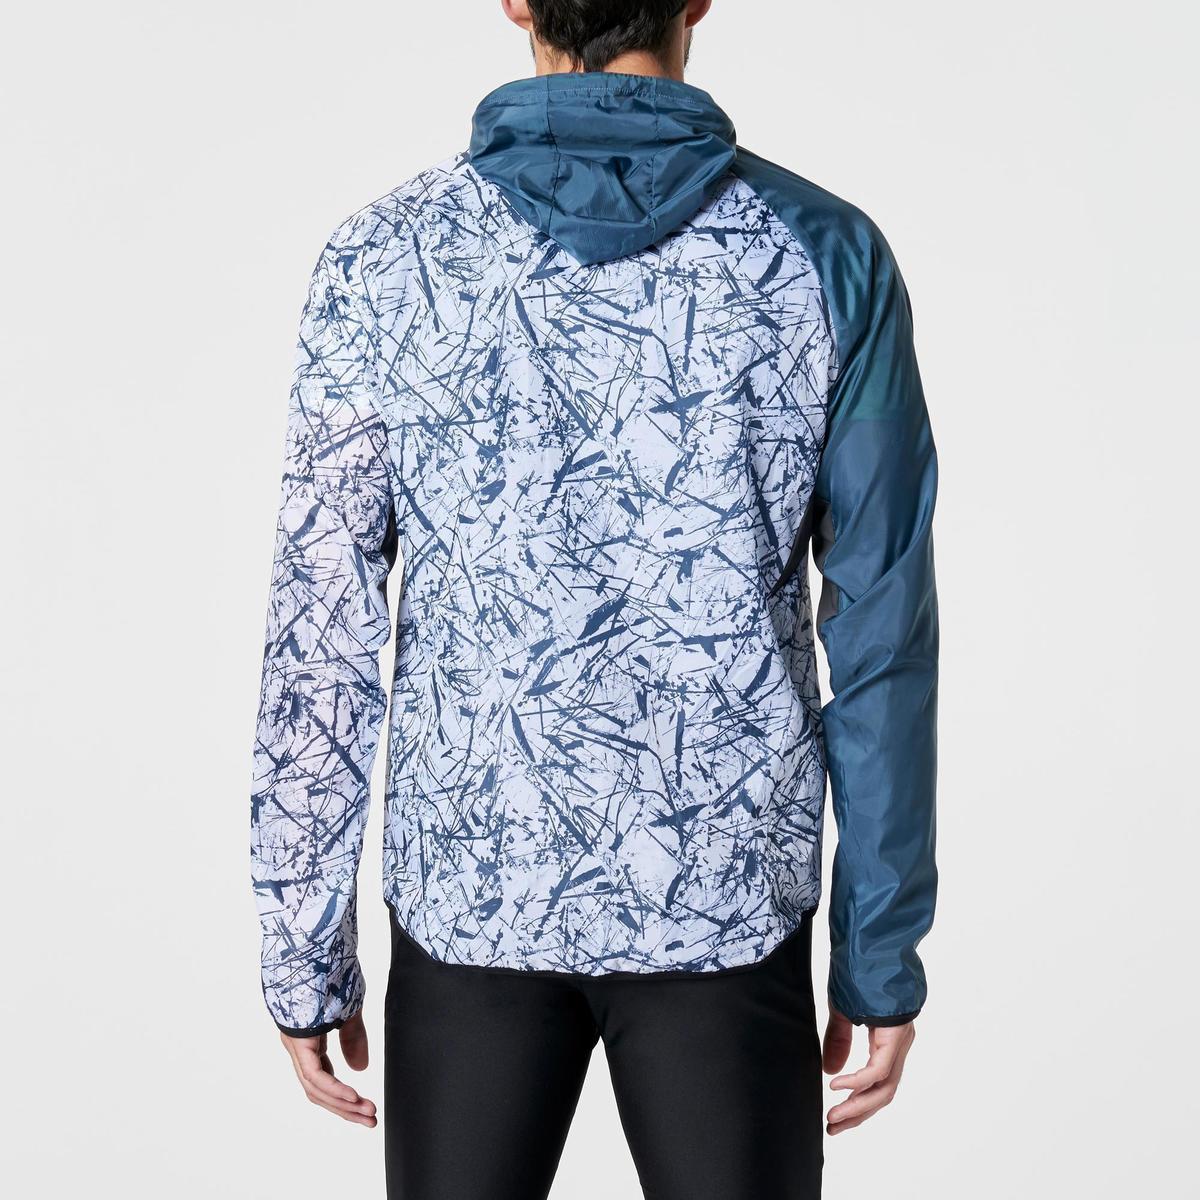 Bild 5 von Lauf-Windjacke Trail Herren blaugrau/weiß mit Muster